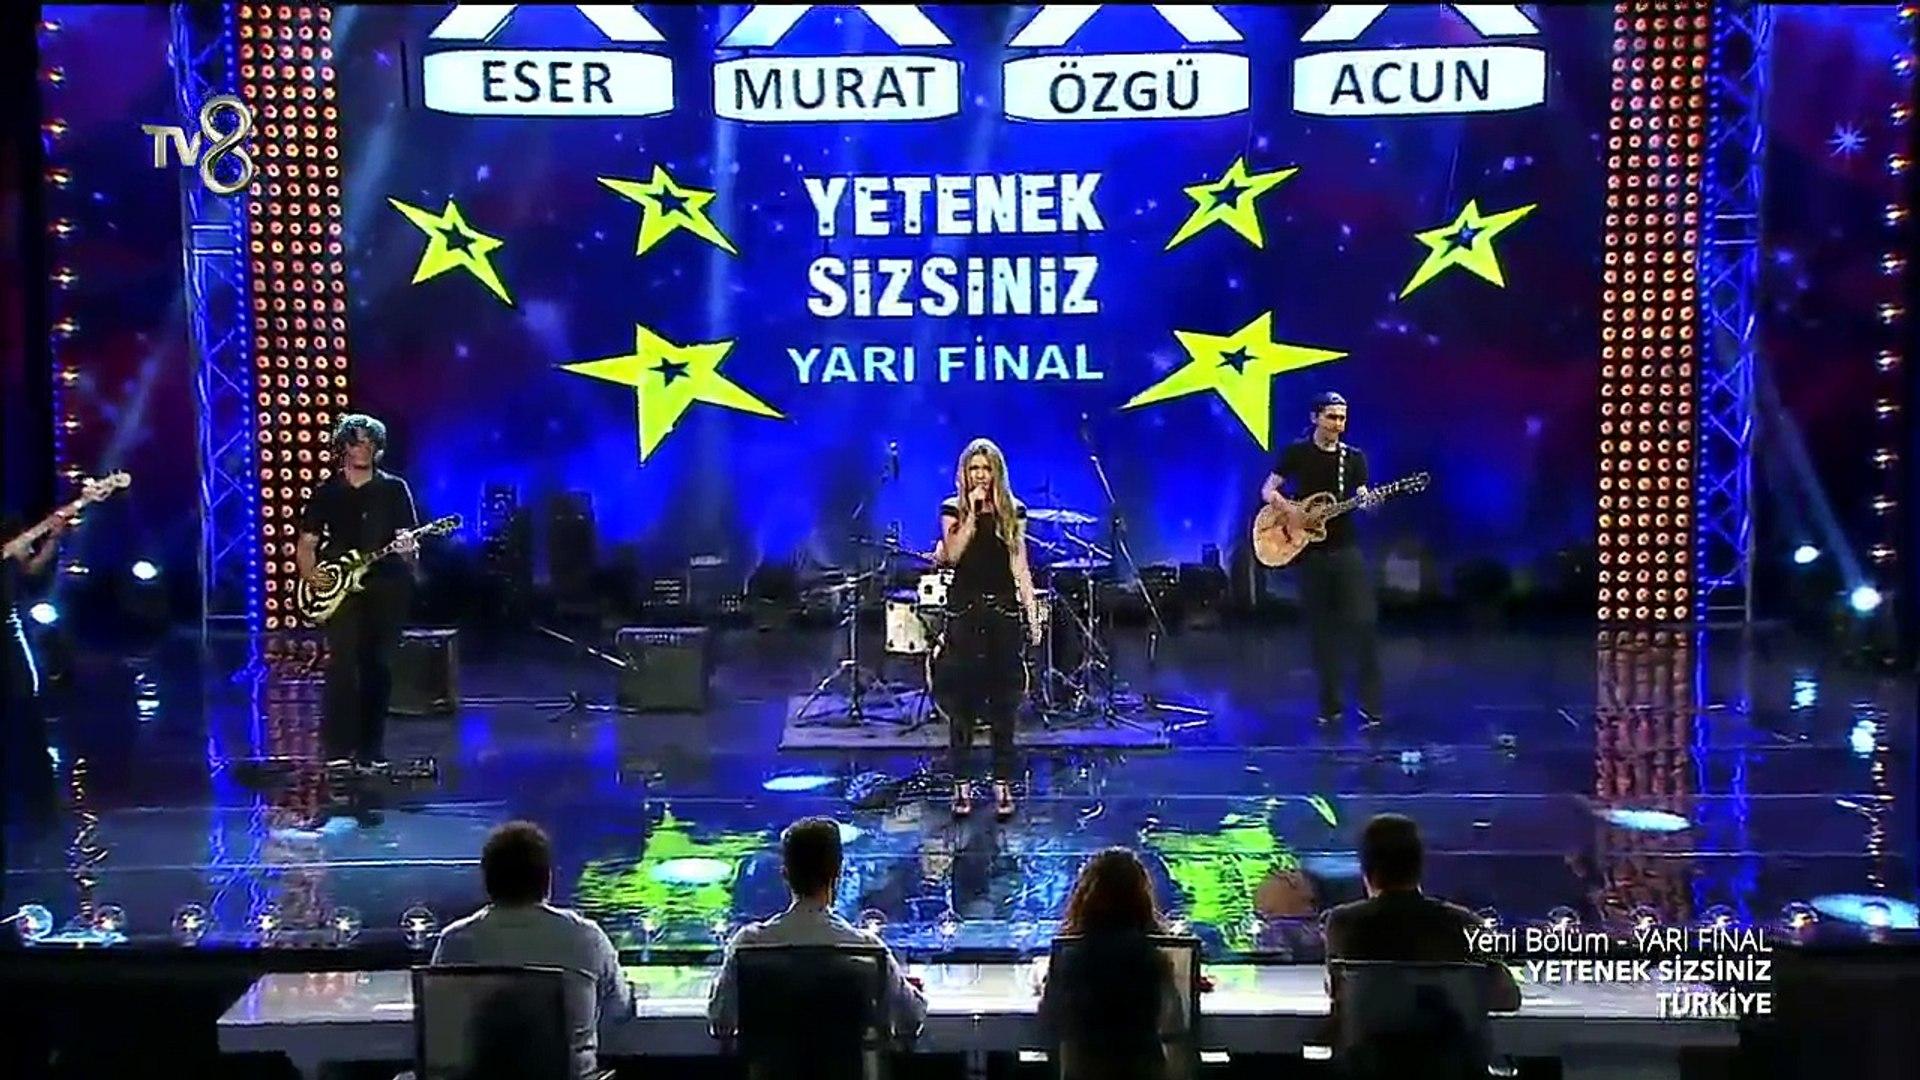 Aleyna Tilki - Uzun İnce (Yetenek Sizsiniz Yarı Final Performansı)